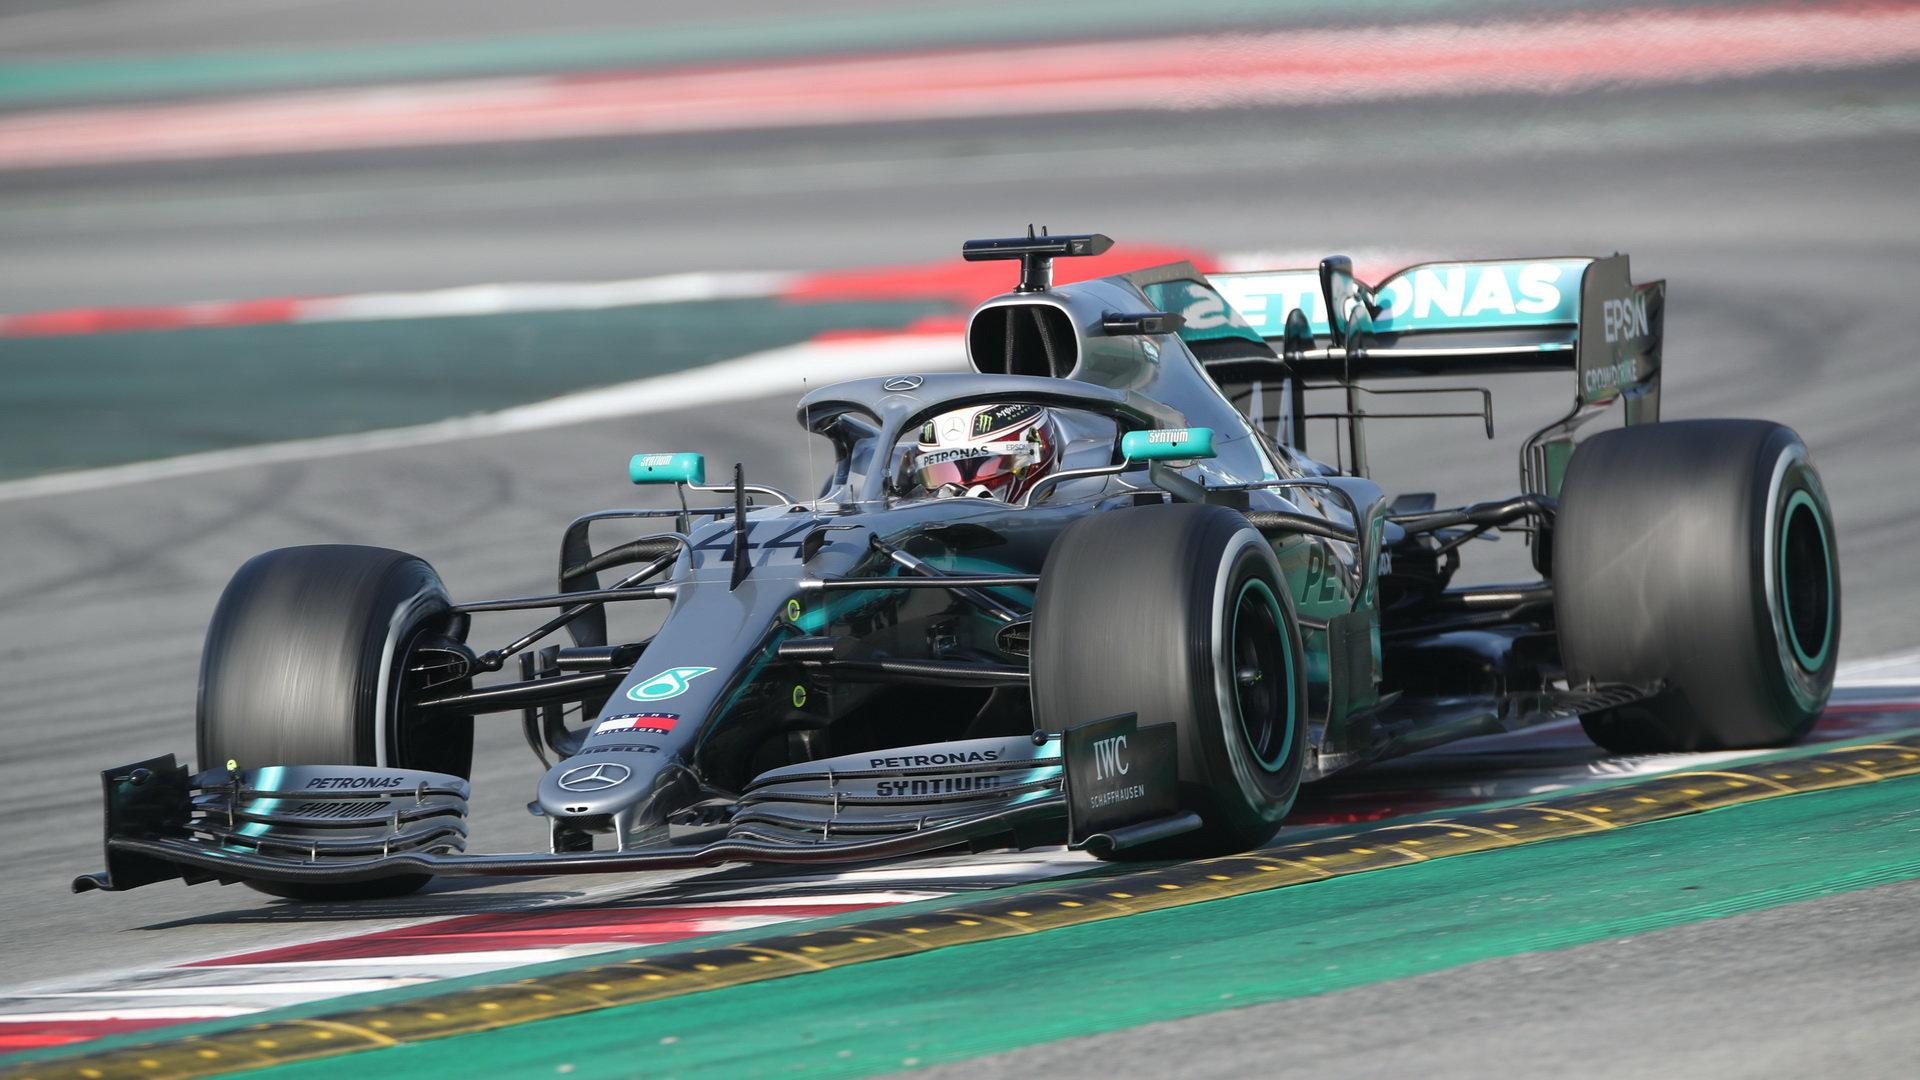 Úřadující šampion Lewis Hamilton vstoupil do sezóny nejlépe